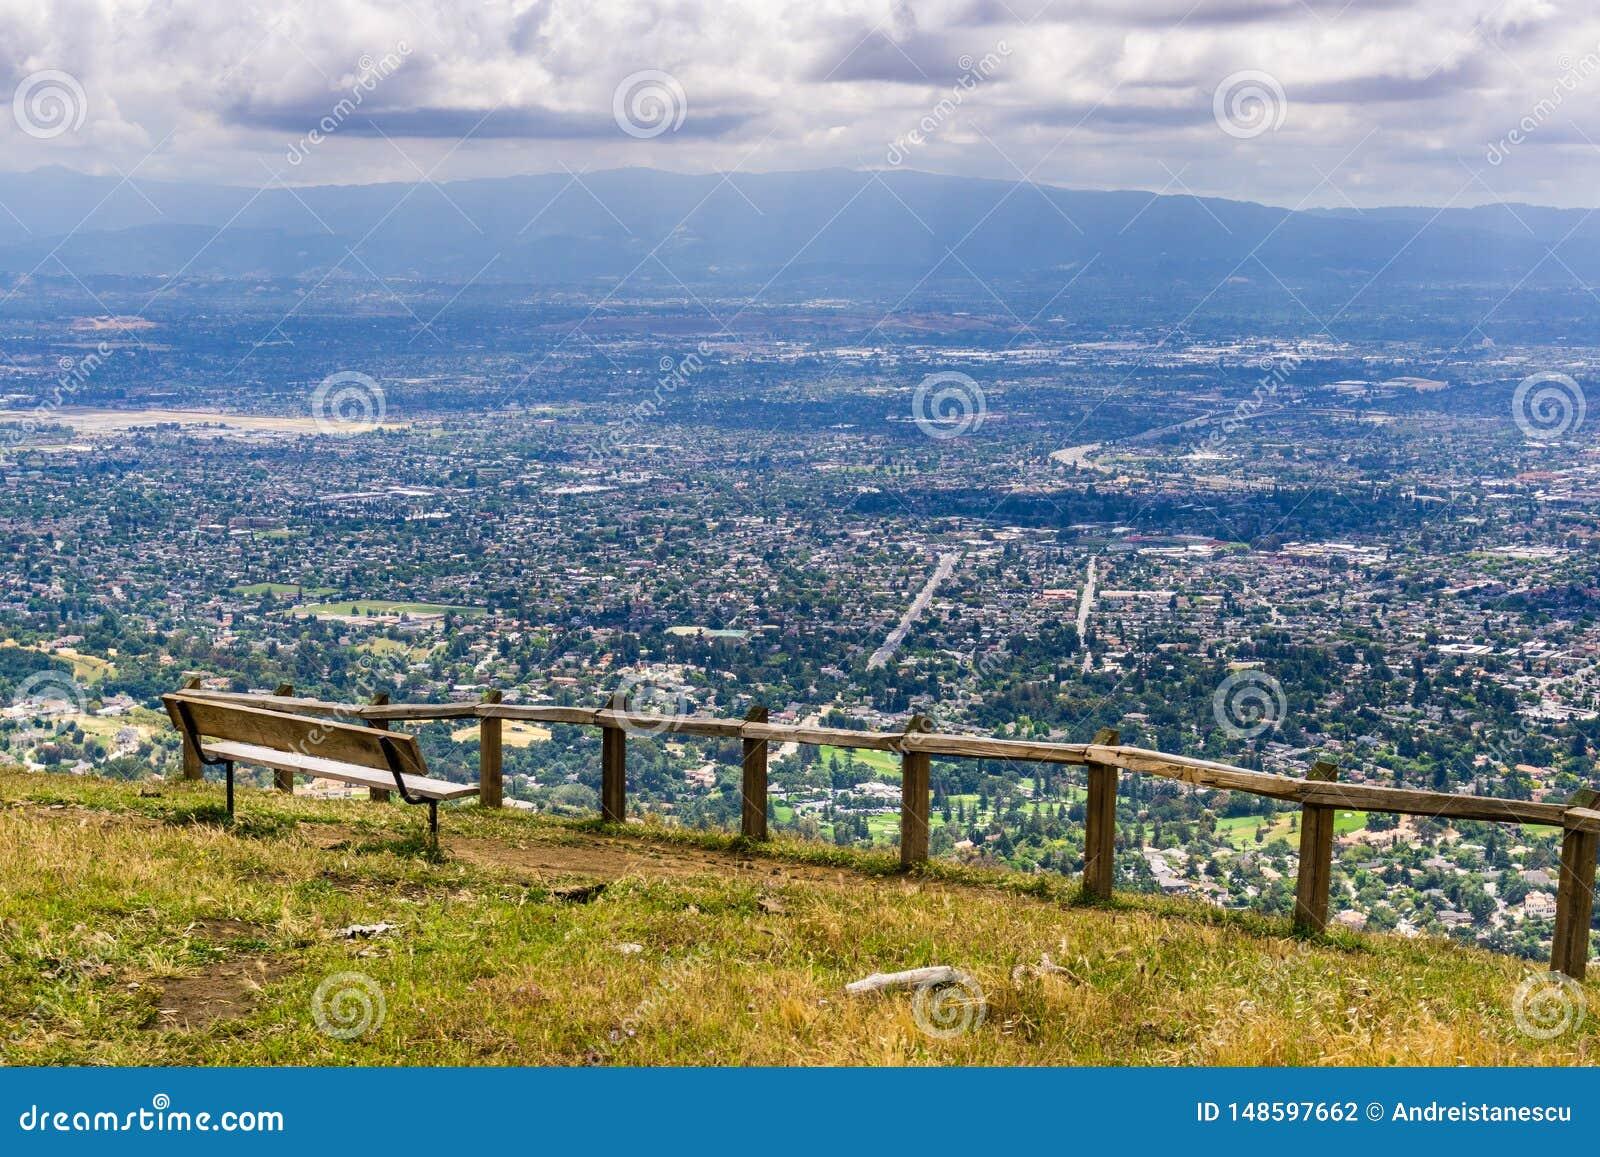 Utsiktpunkt som f?rbiser San Jose, hj?rtan av Silicon Valley; s?dra San Francisco Bay omr?de, Kalifornien